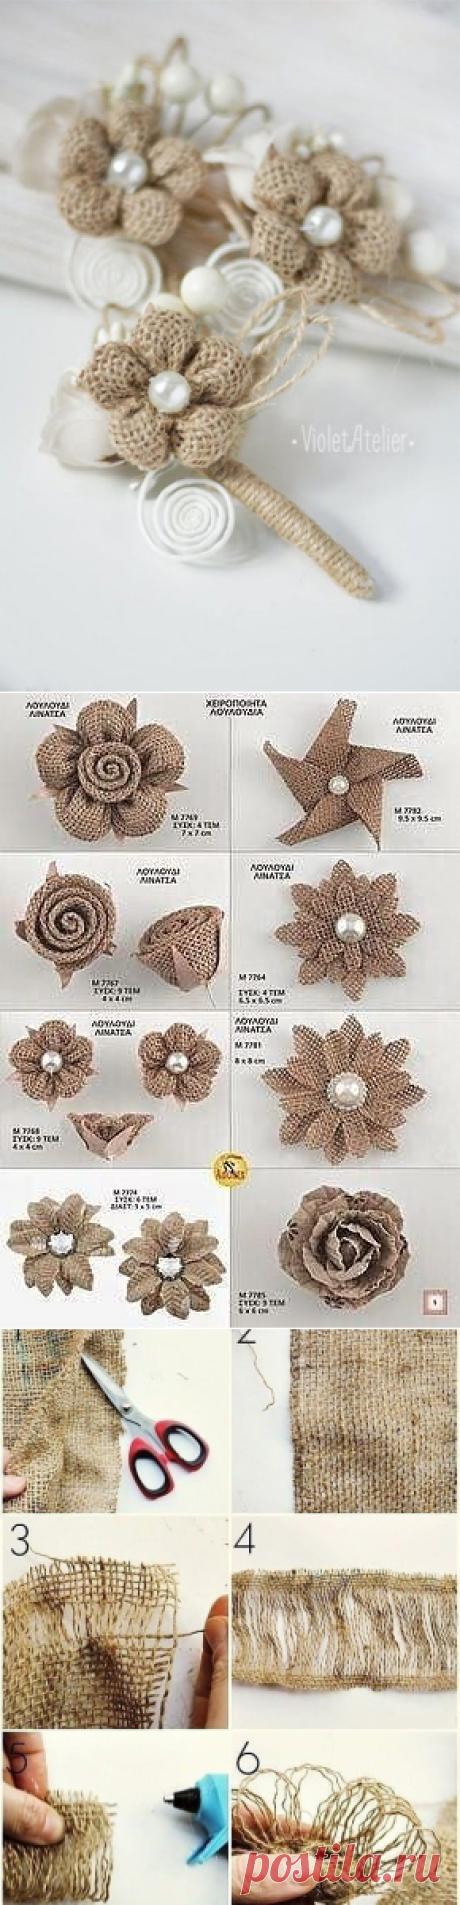 Создаем миниатюрные цветочки из мешковины